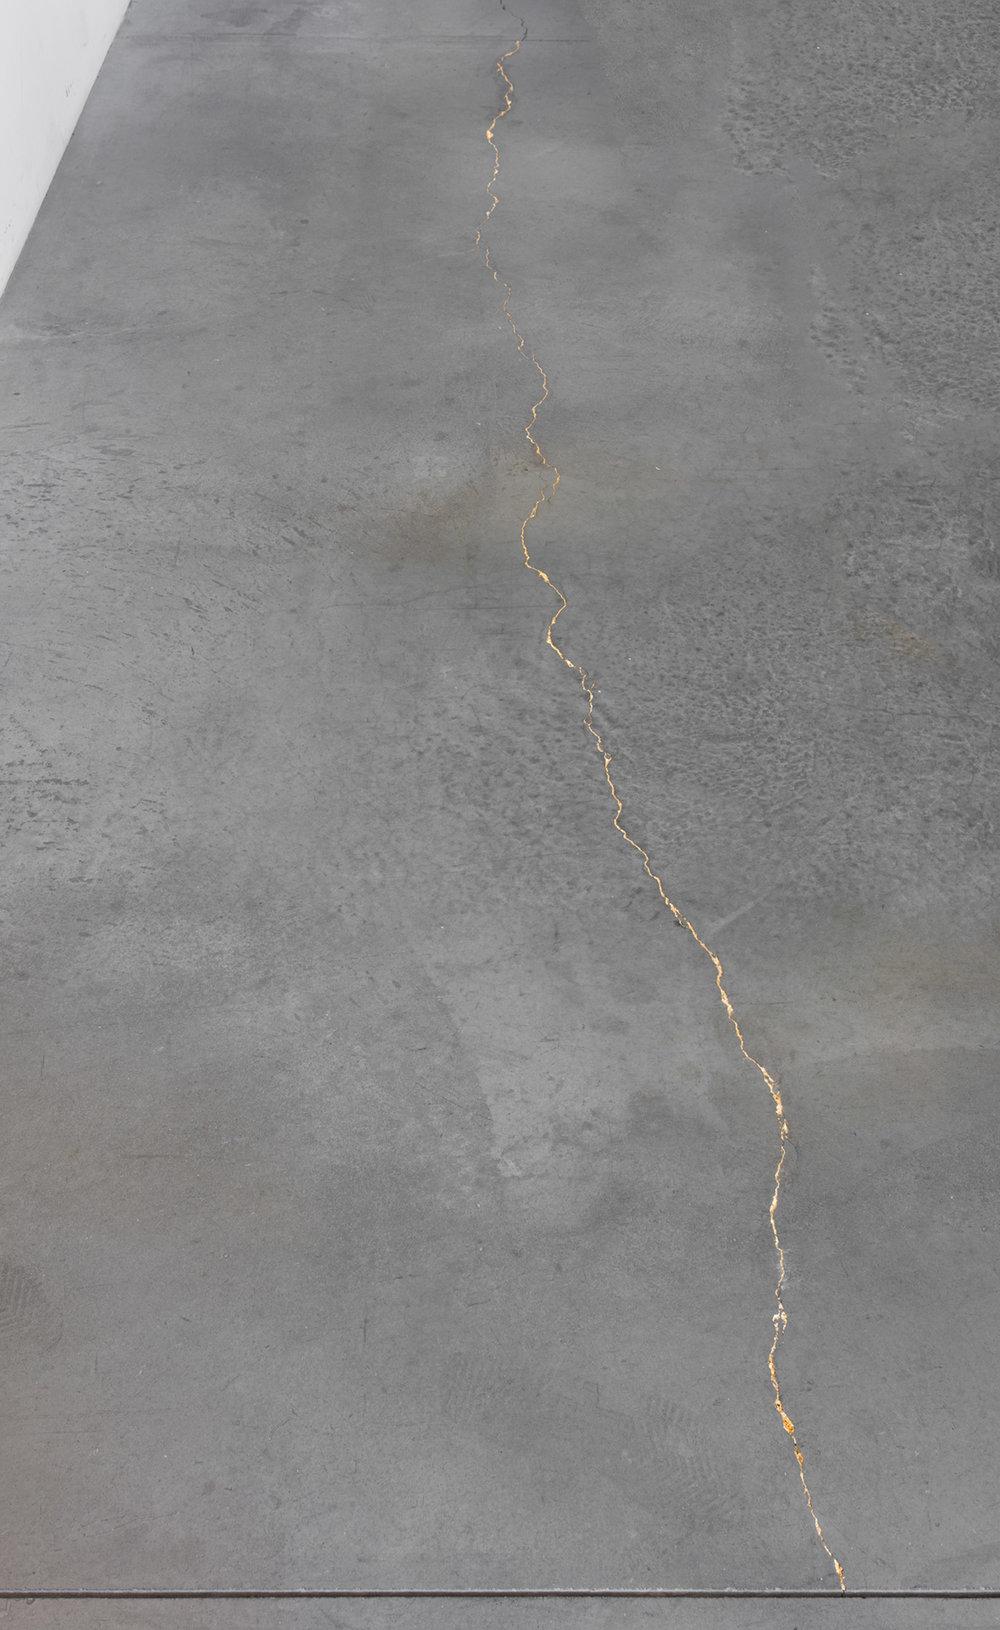 Foundation Crack    2018   22 karat gold leaf  Dimensions variable